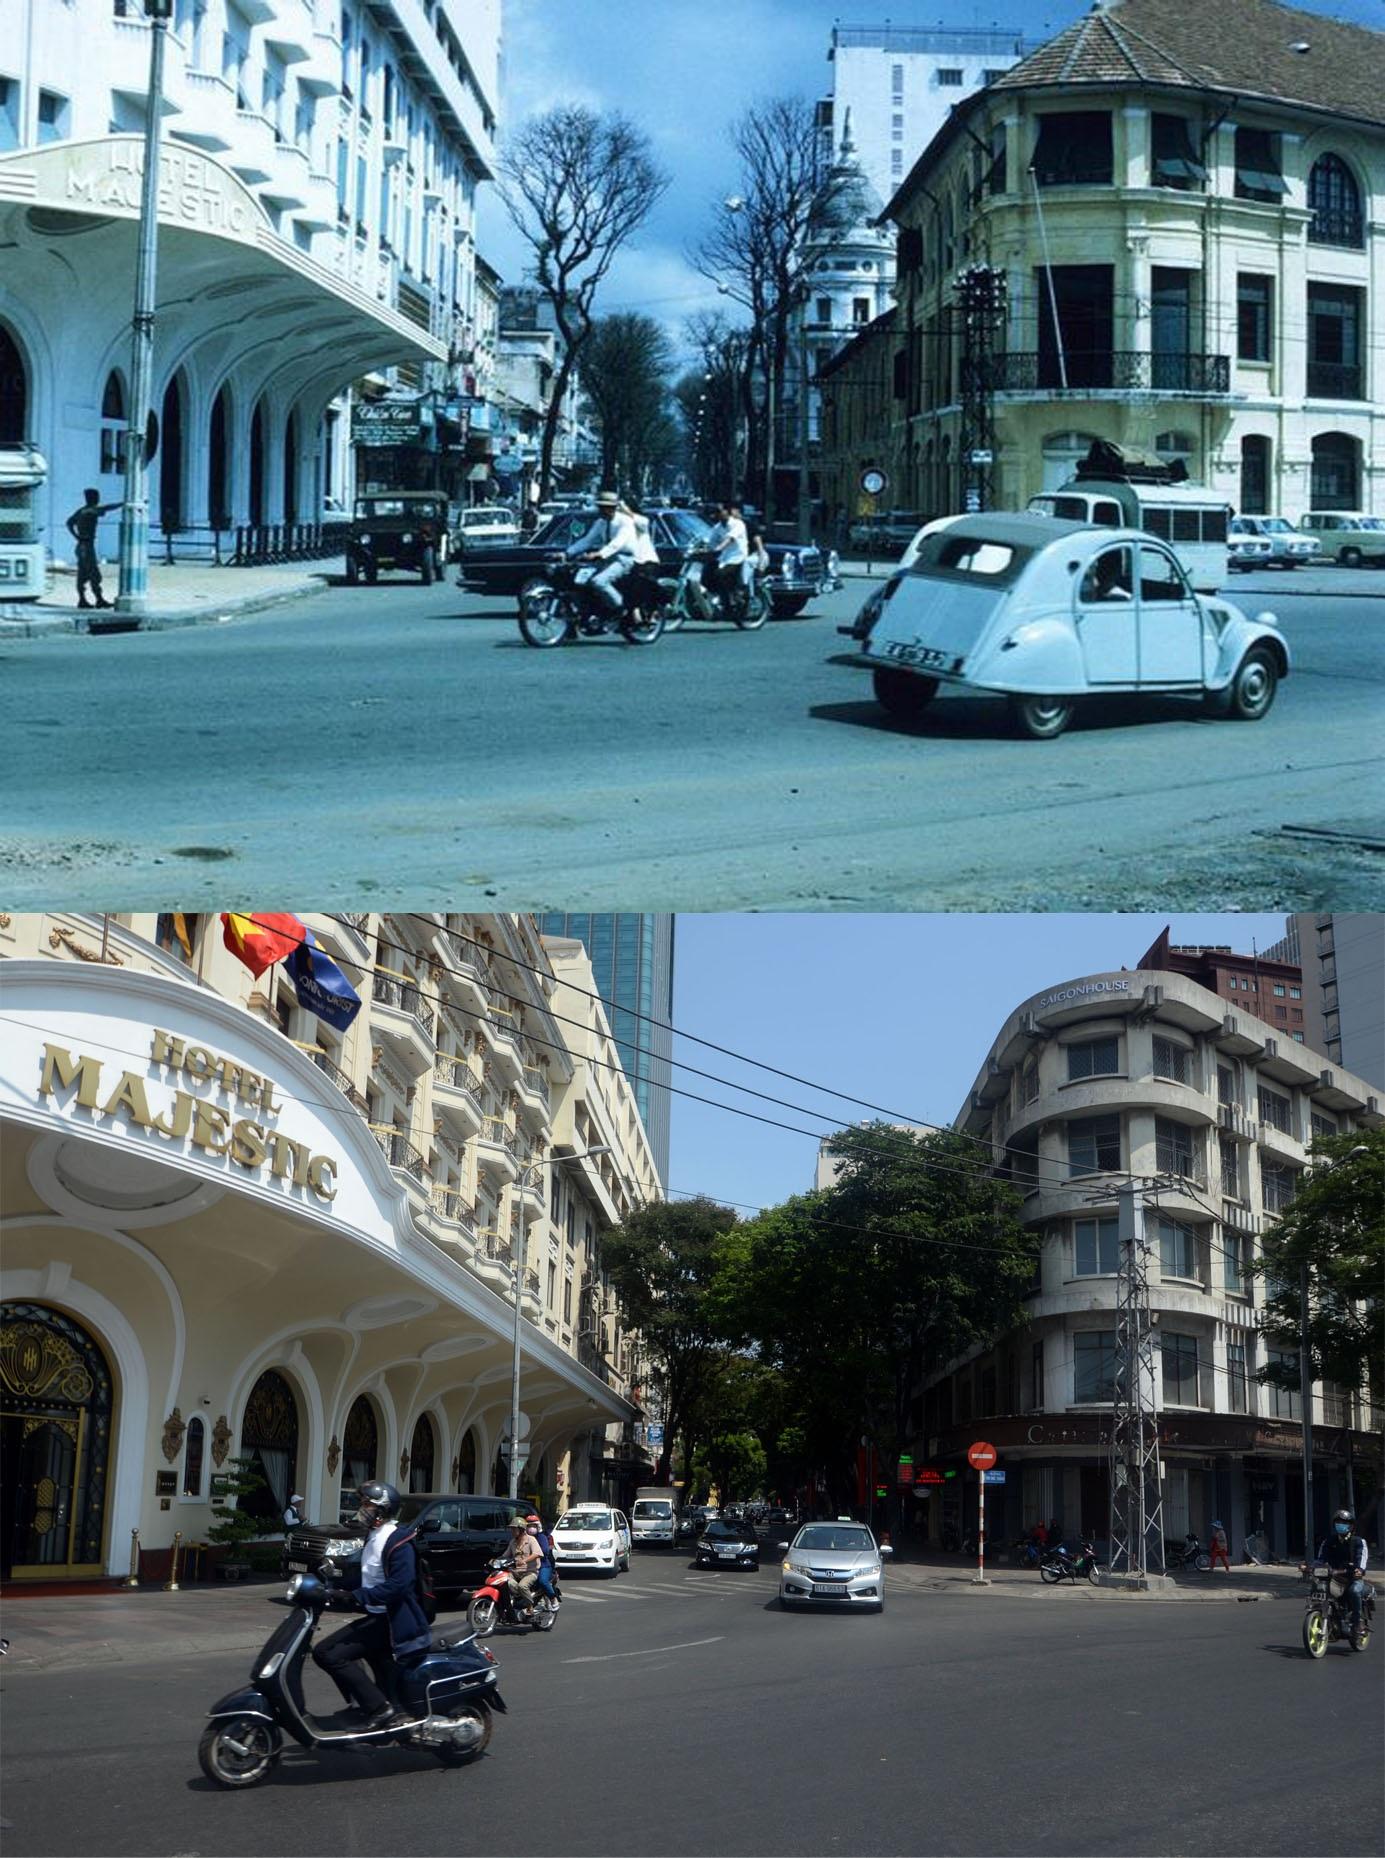 Khách sạn Majestic lúc mới xây dựng là một biểu tượng cho sự xa hoa tráng lệ của người Sài Gòn thời bấy giờ. Người xây dựng khách sạn Majestic là thương gia Hui Bon Hoa (hay còn gọi là Chú Hỏa). Khách sạn được khởi công xây dựng từ năm 1925 theo lối kiến trúc hiện đại của Pháp bấy giờ.